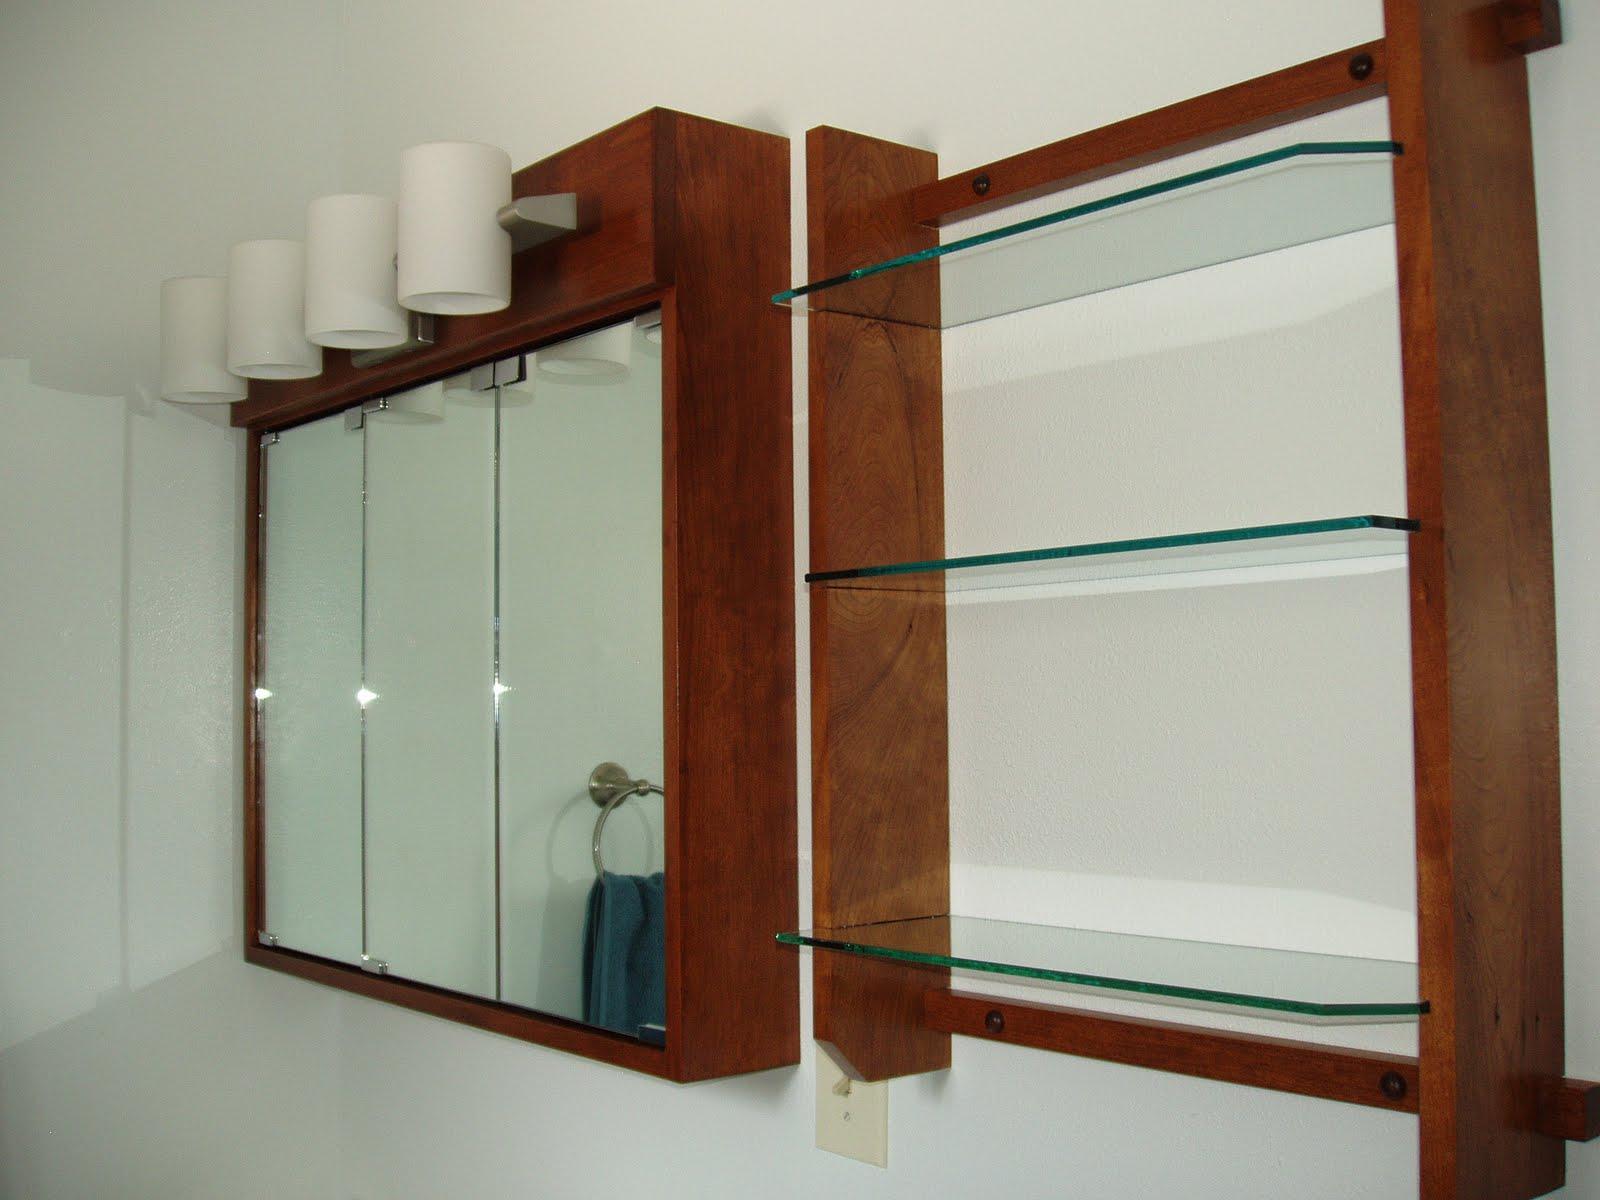 Kurt J. Meyers: Medicine Cabinet